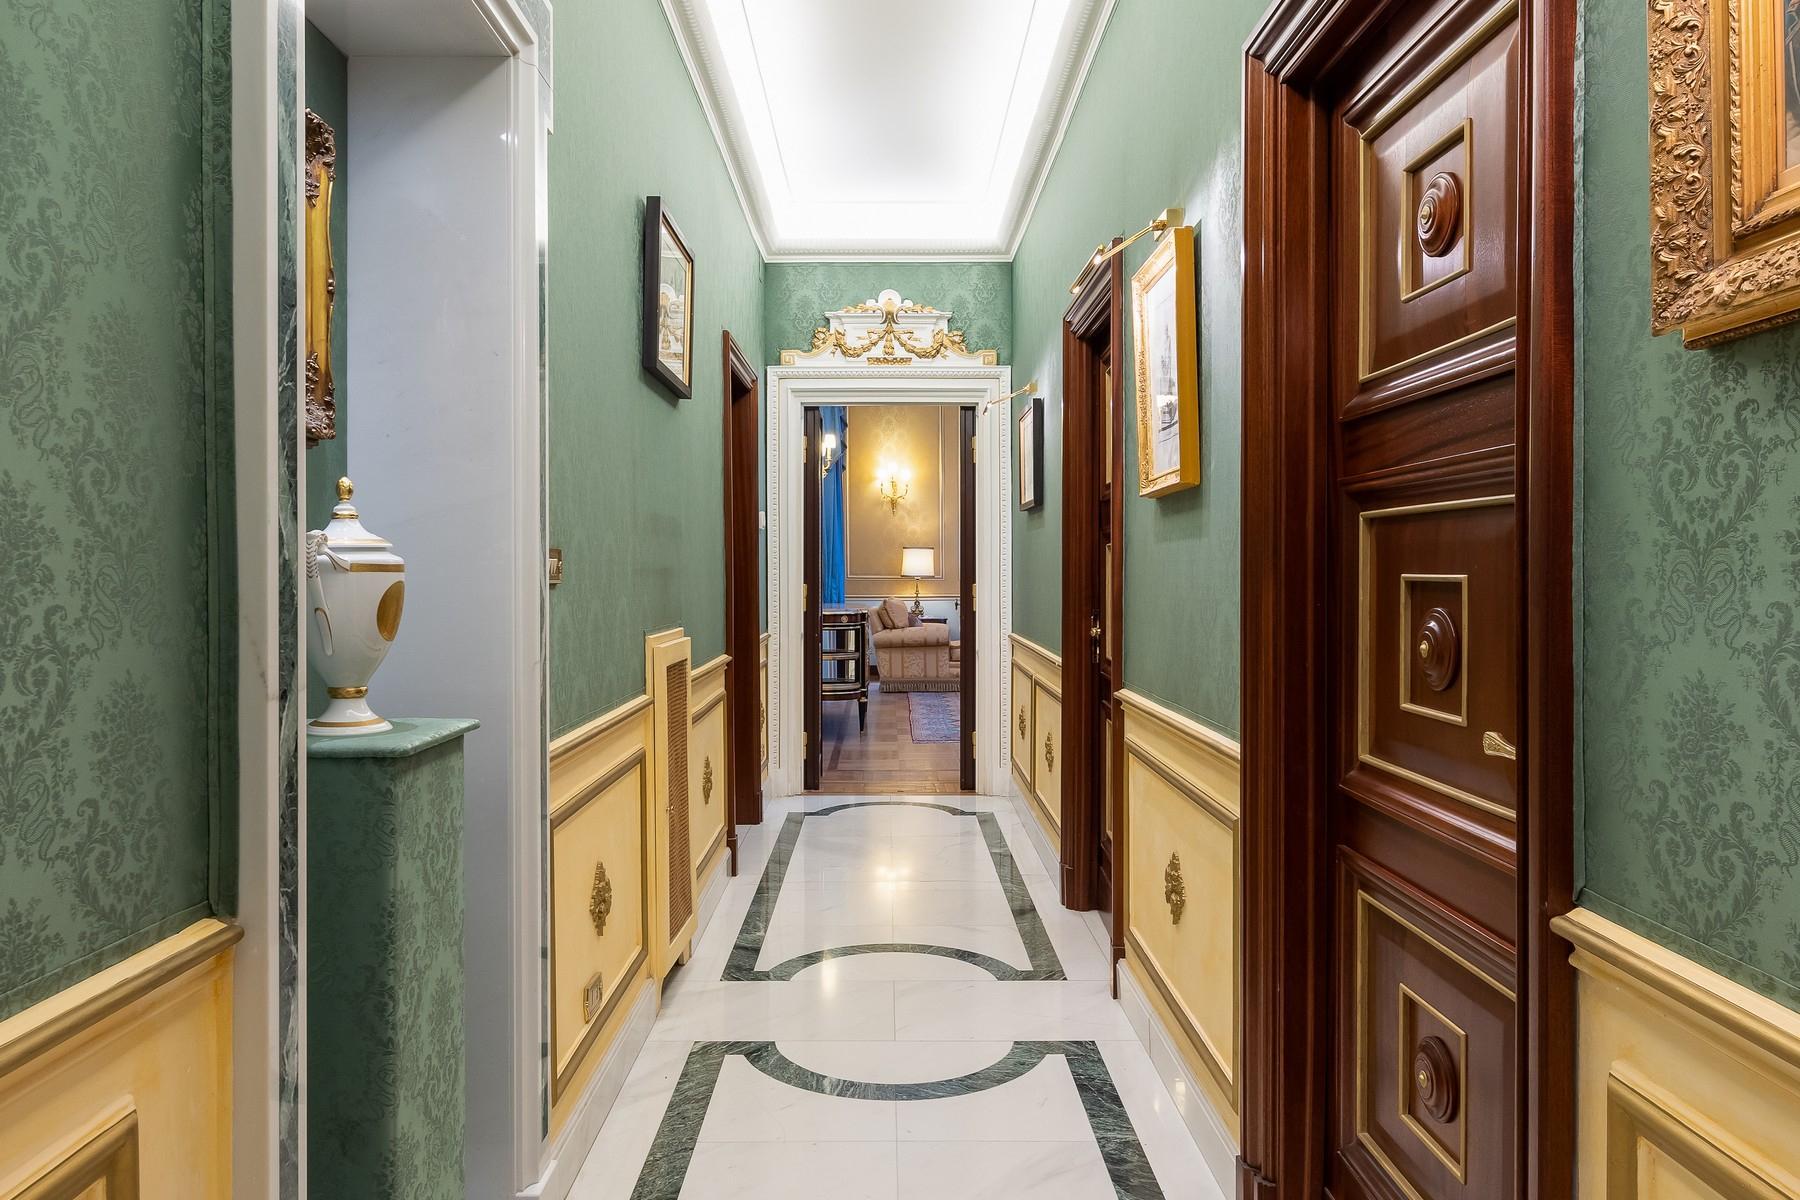 Роскошная квартира с большой террасой  в элегантном здании начала 900 года - 7